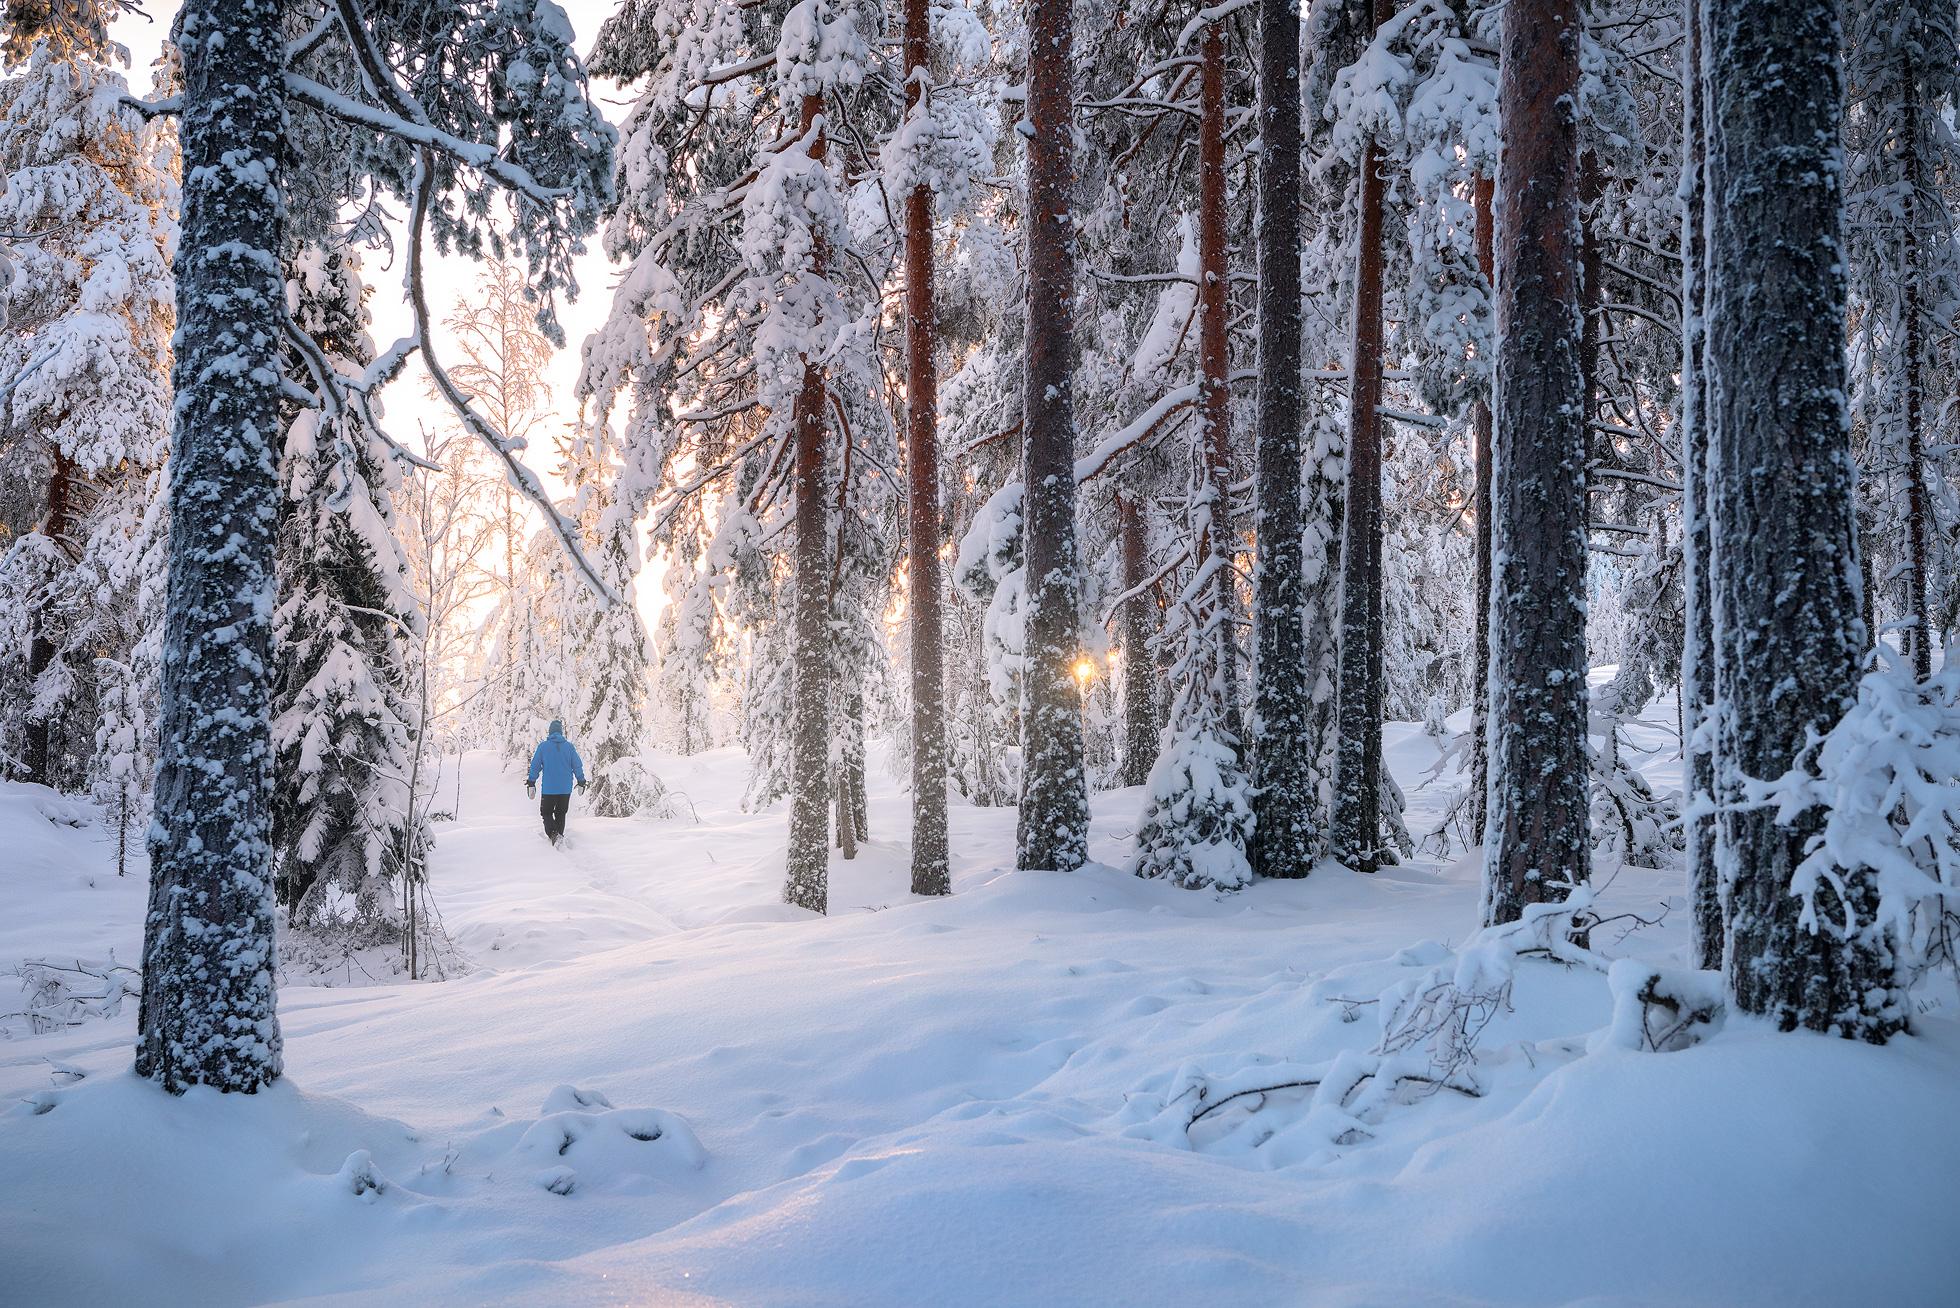 December - Snowshoeing in Winter Wonderland